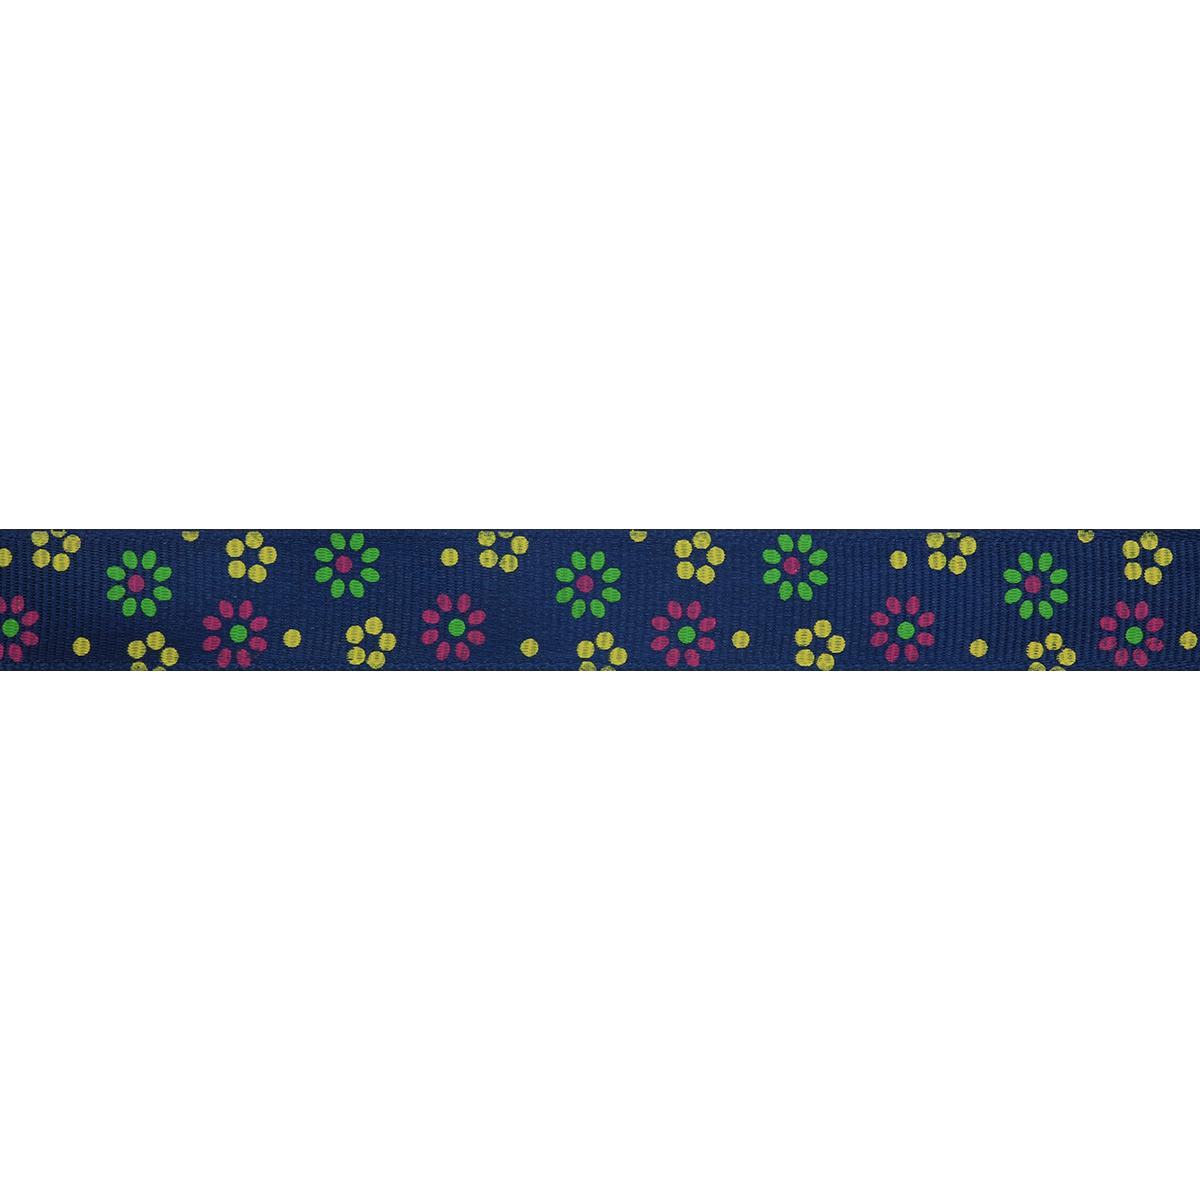 Лента репсовая 'Цветочки мелкие 2' 1,5см*45,72м